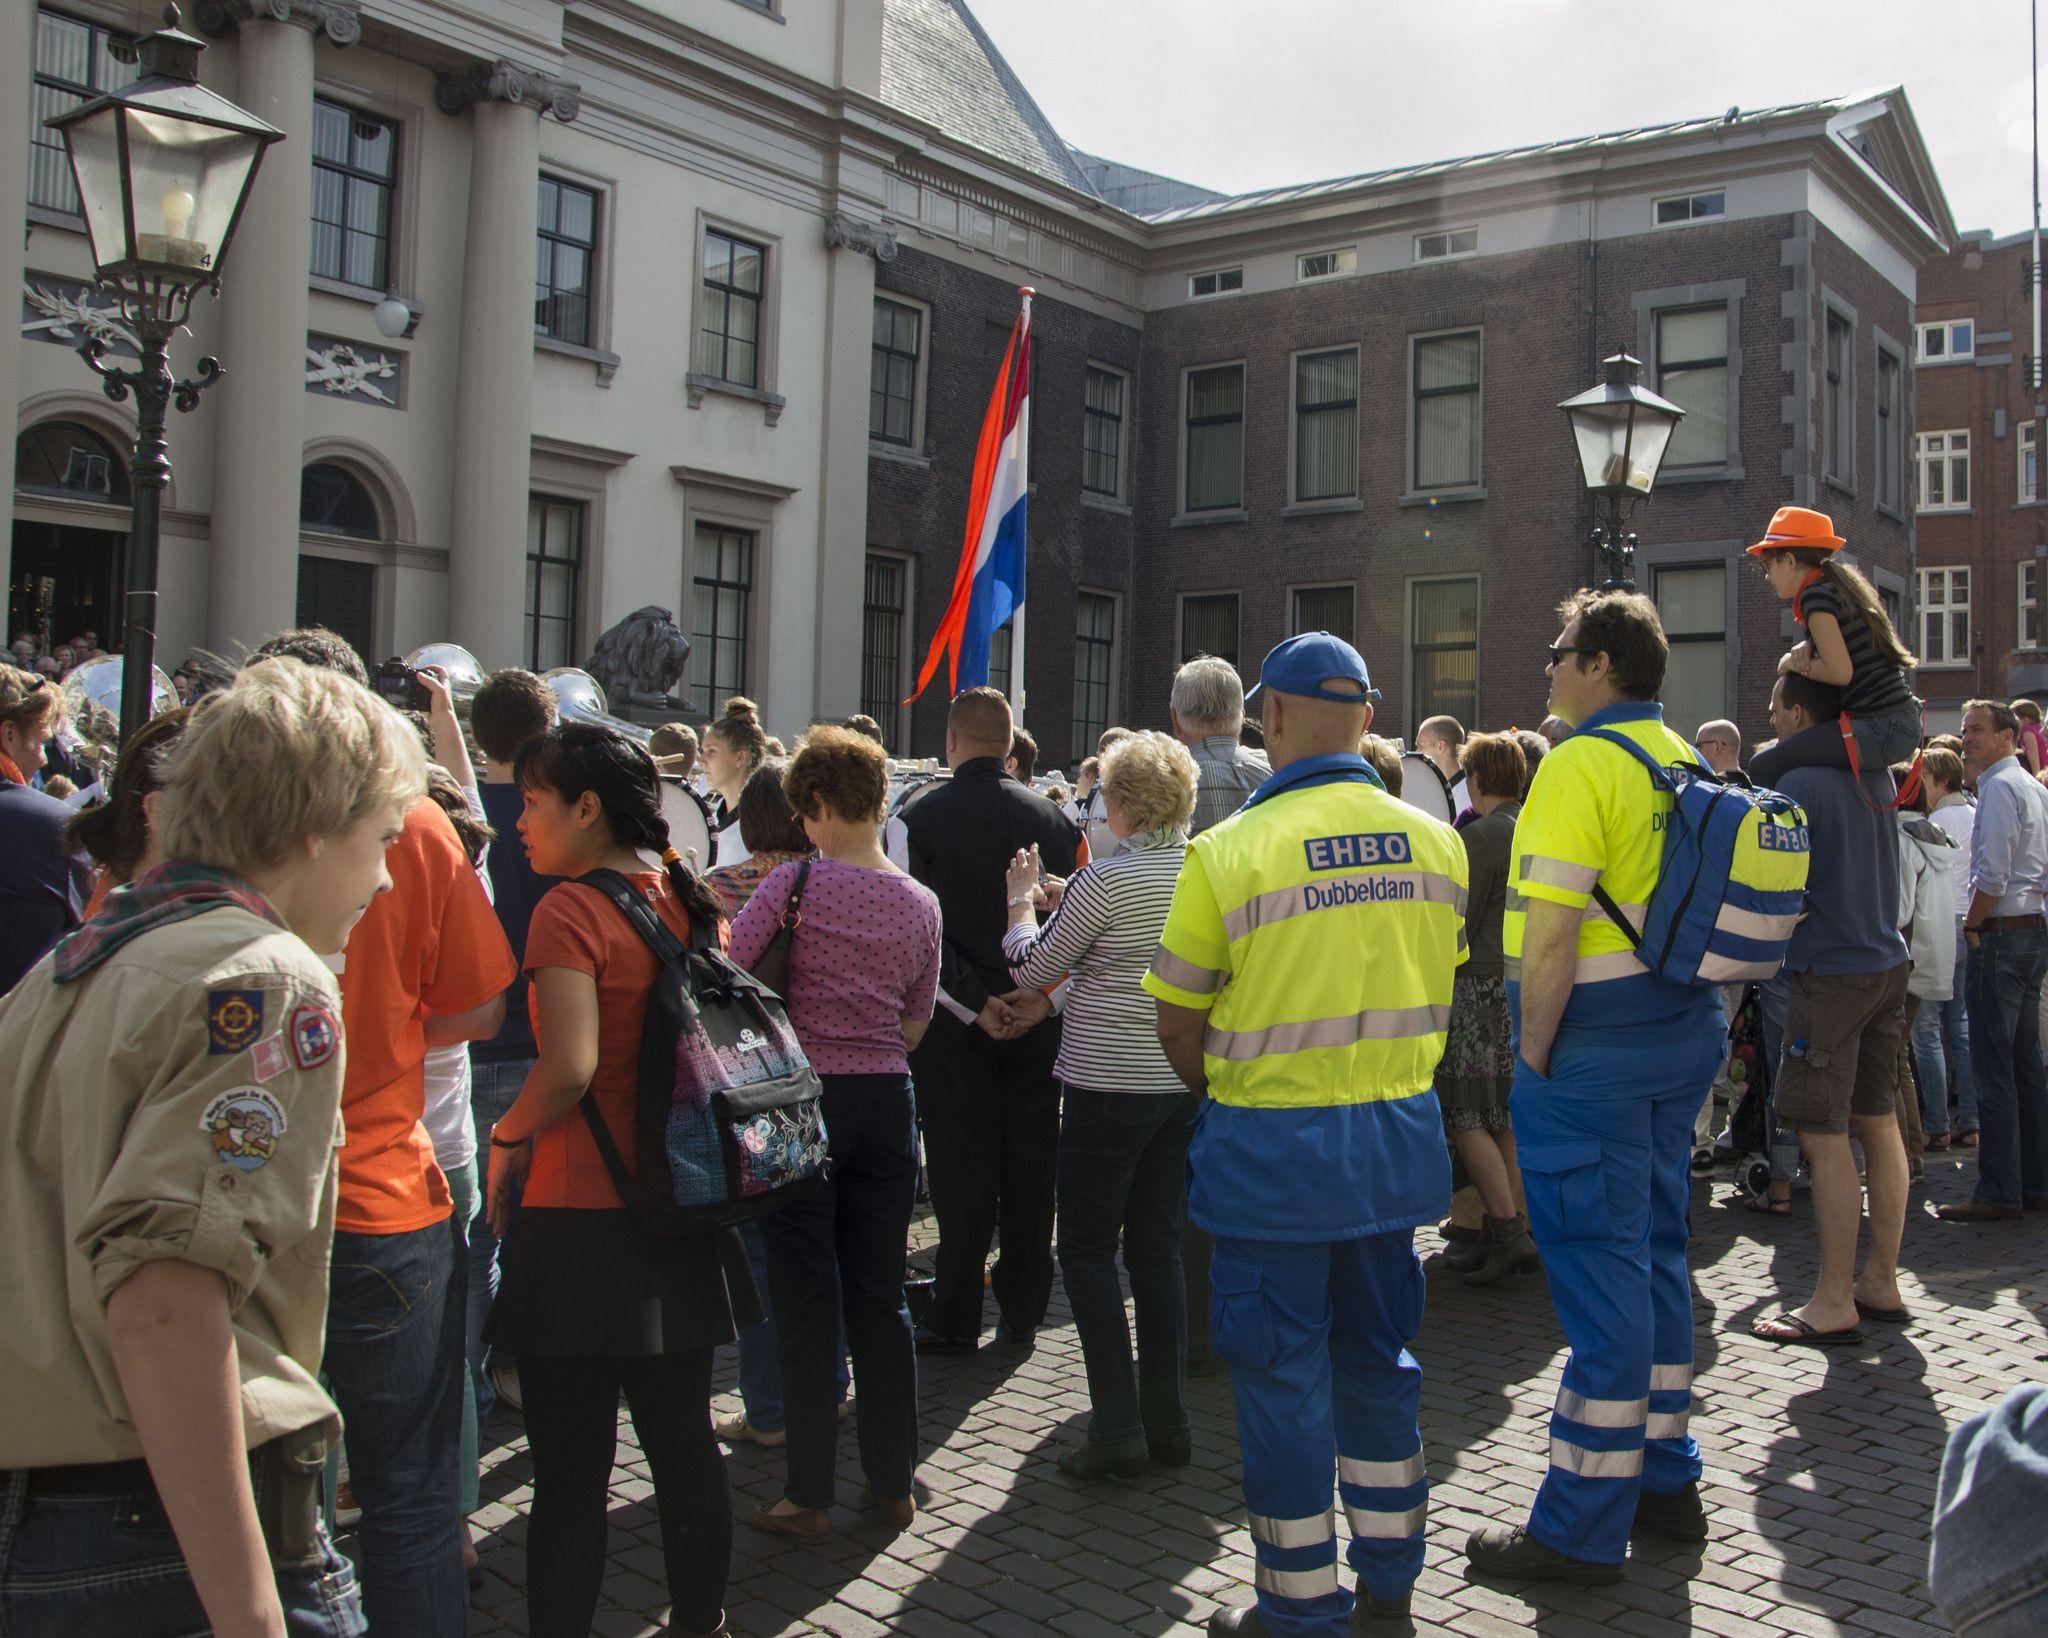 https://flic.kr/p/nn1aR3   Koningsdag Dordrecht 2014 Aubade-2